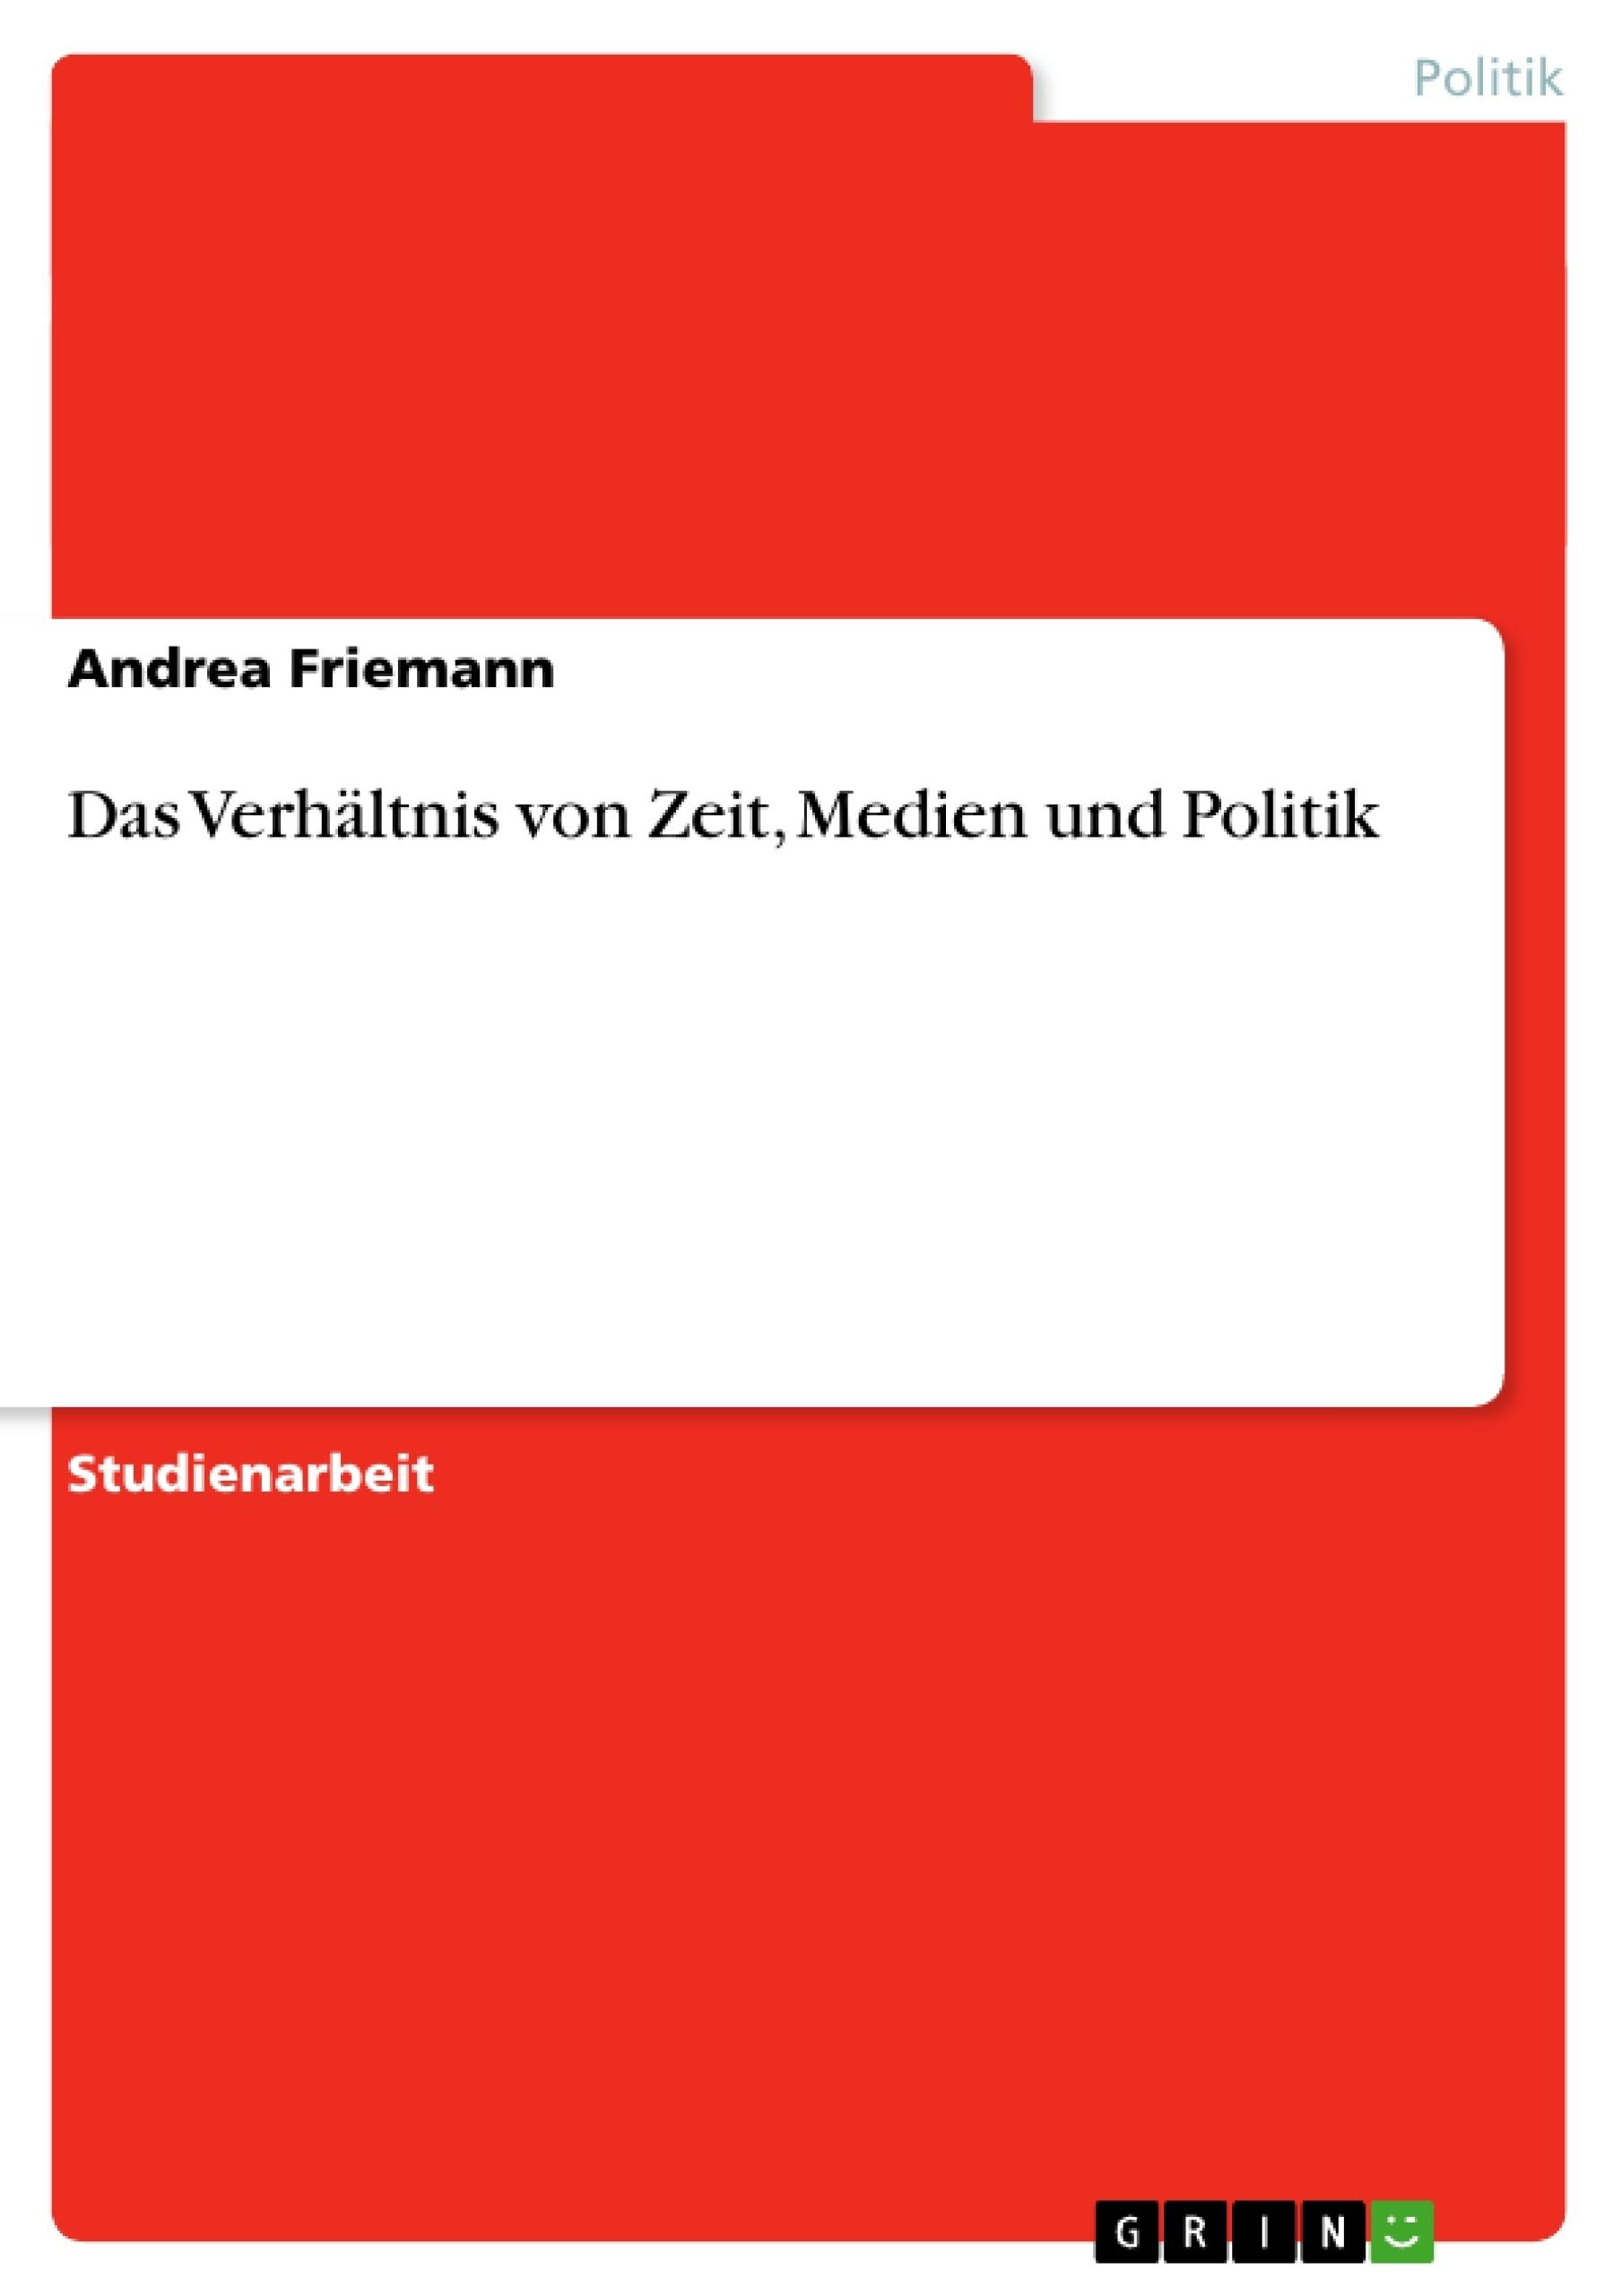 Titel: Das Verhältnis von Zeit, Medien und Politik